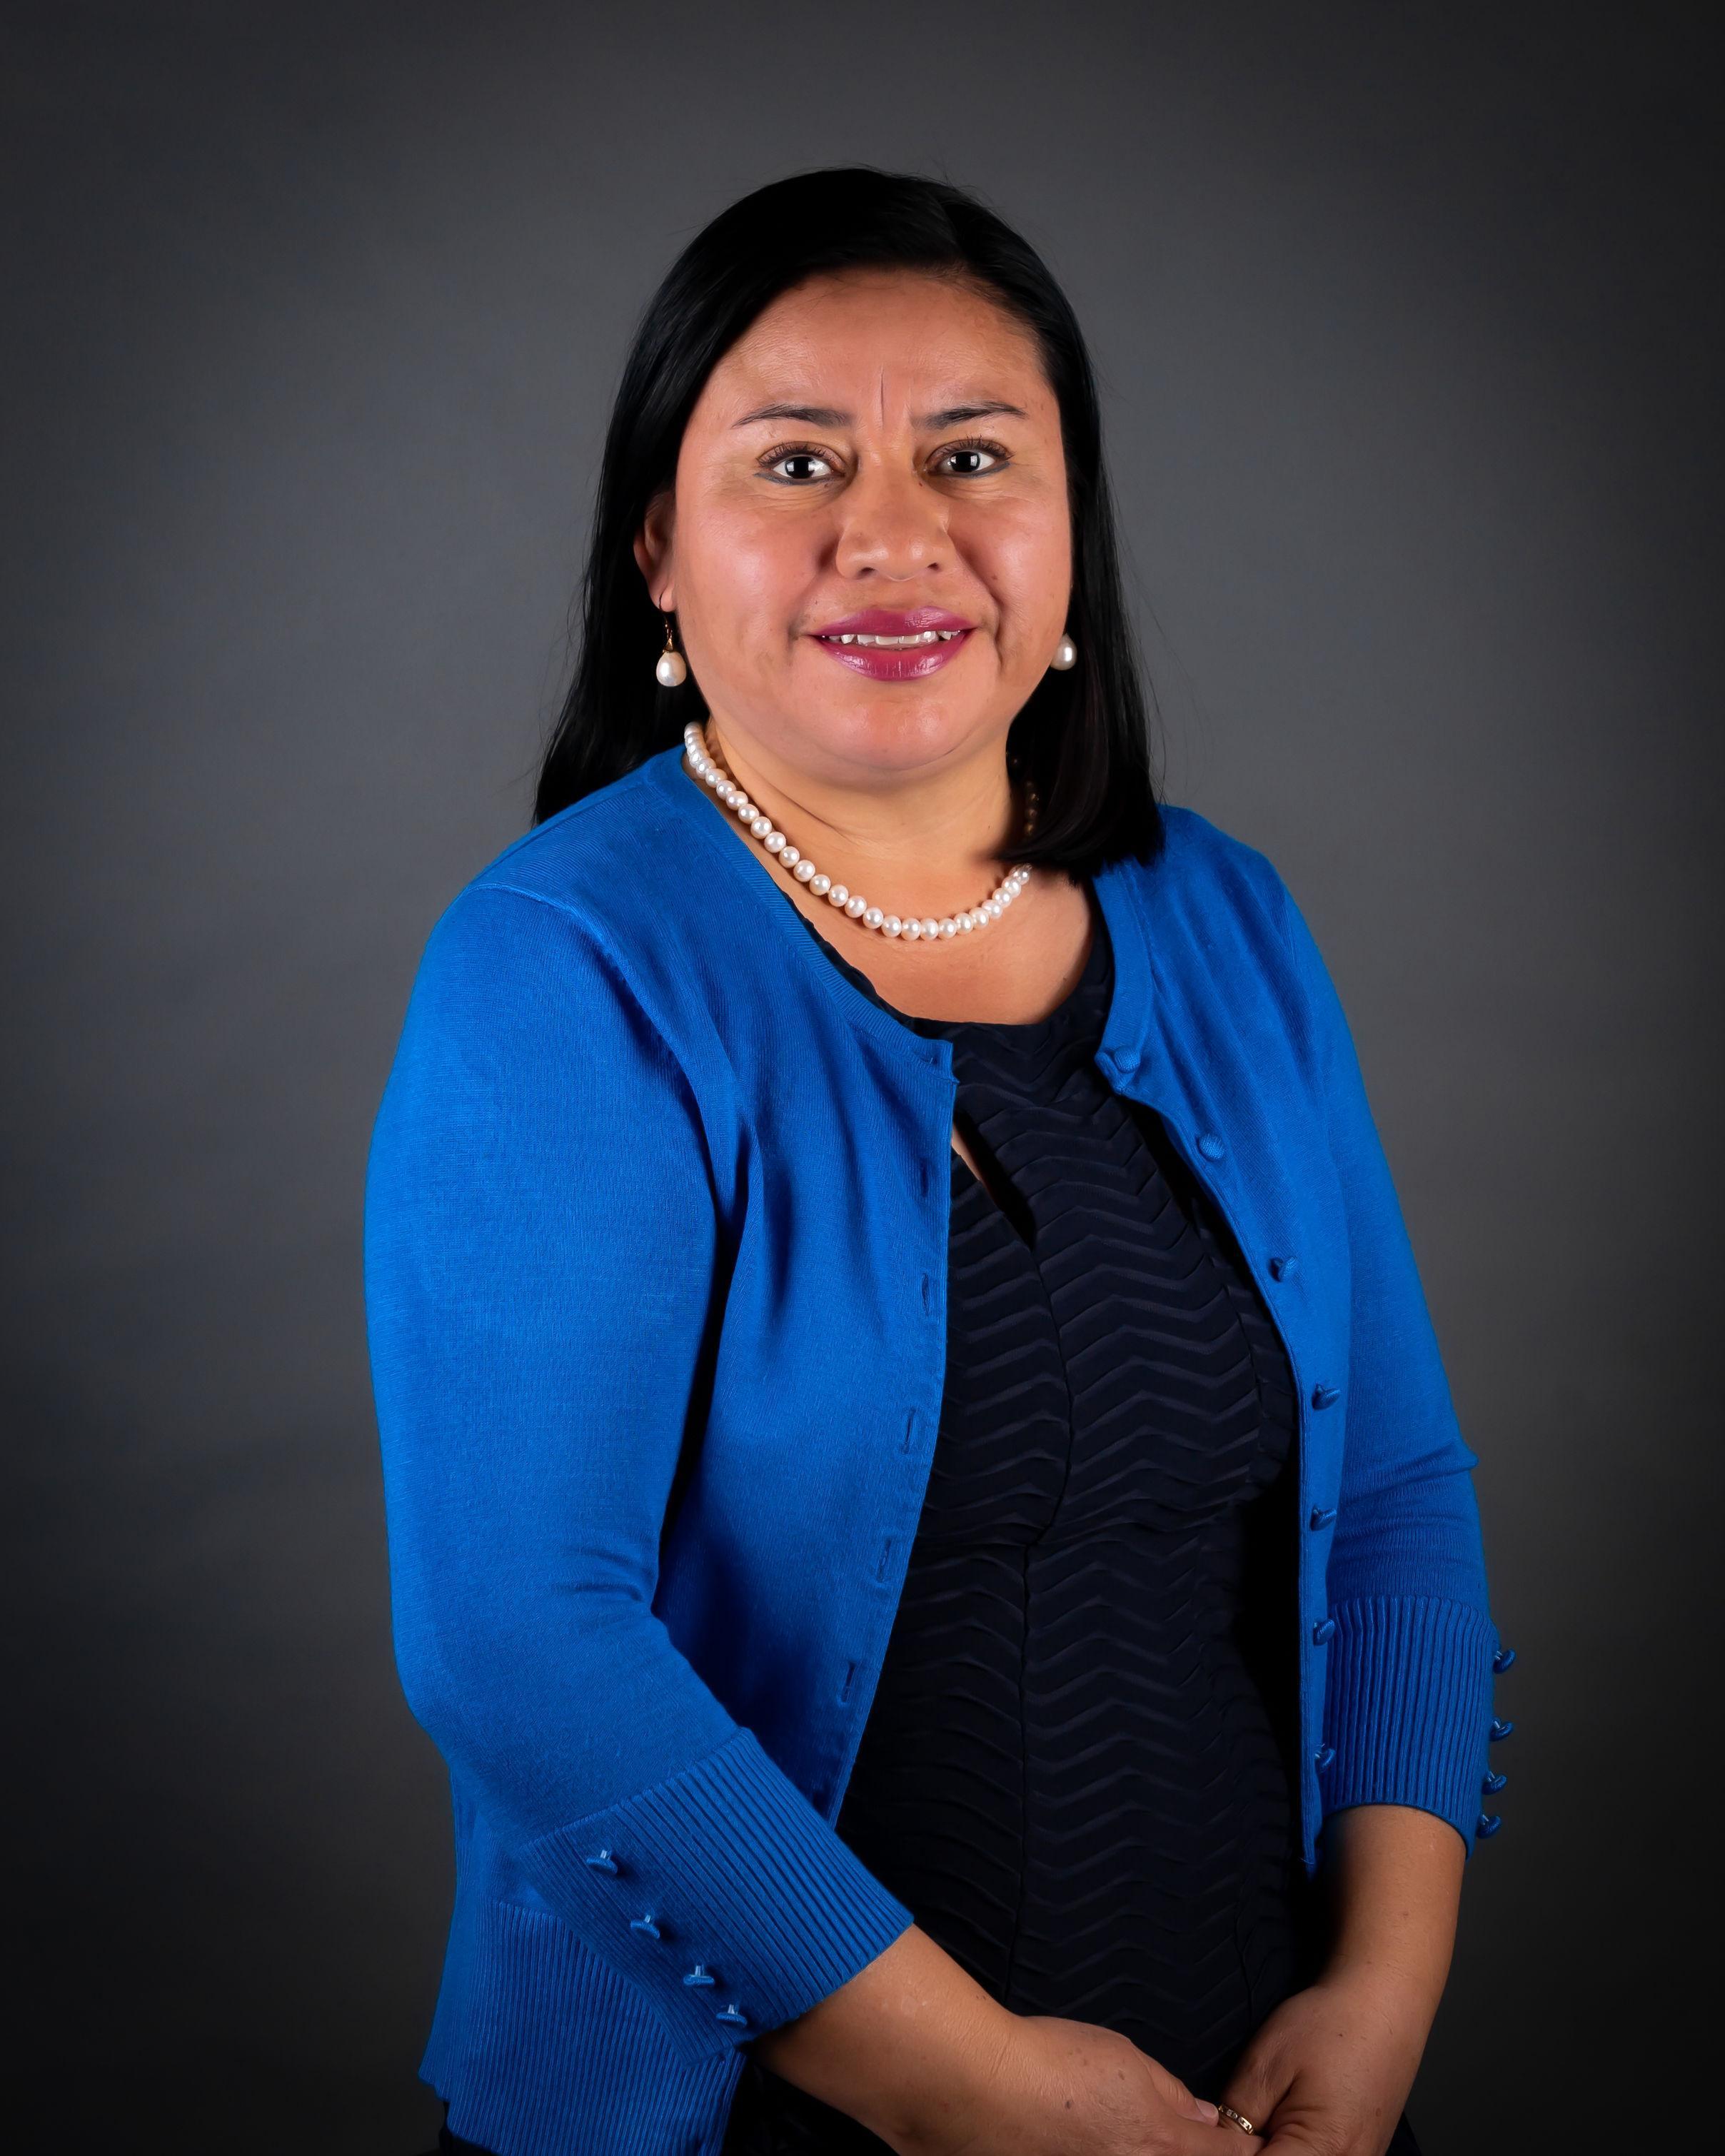 Ingrid Enriquez